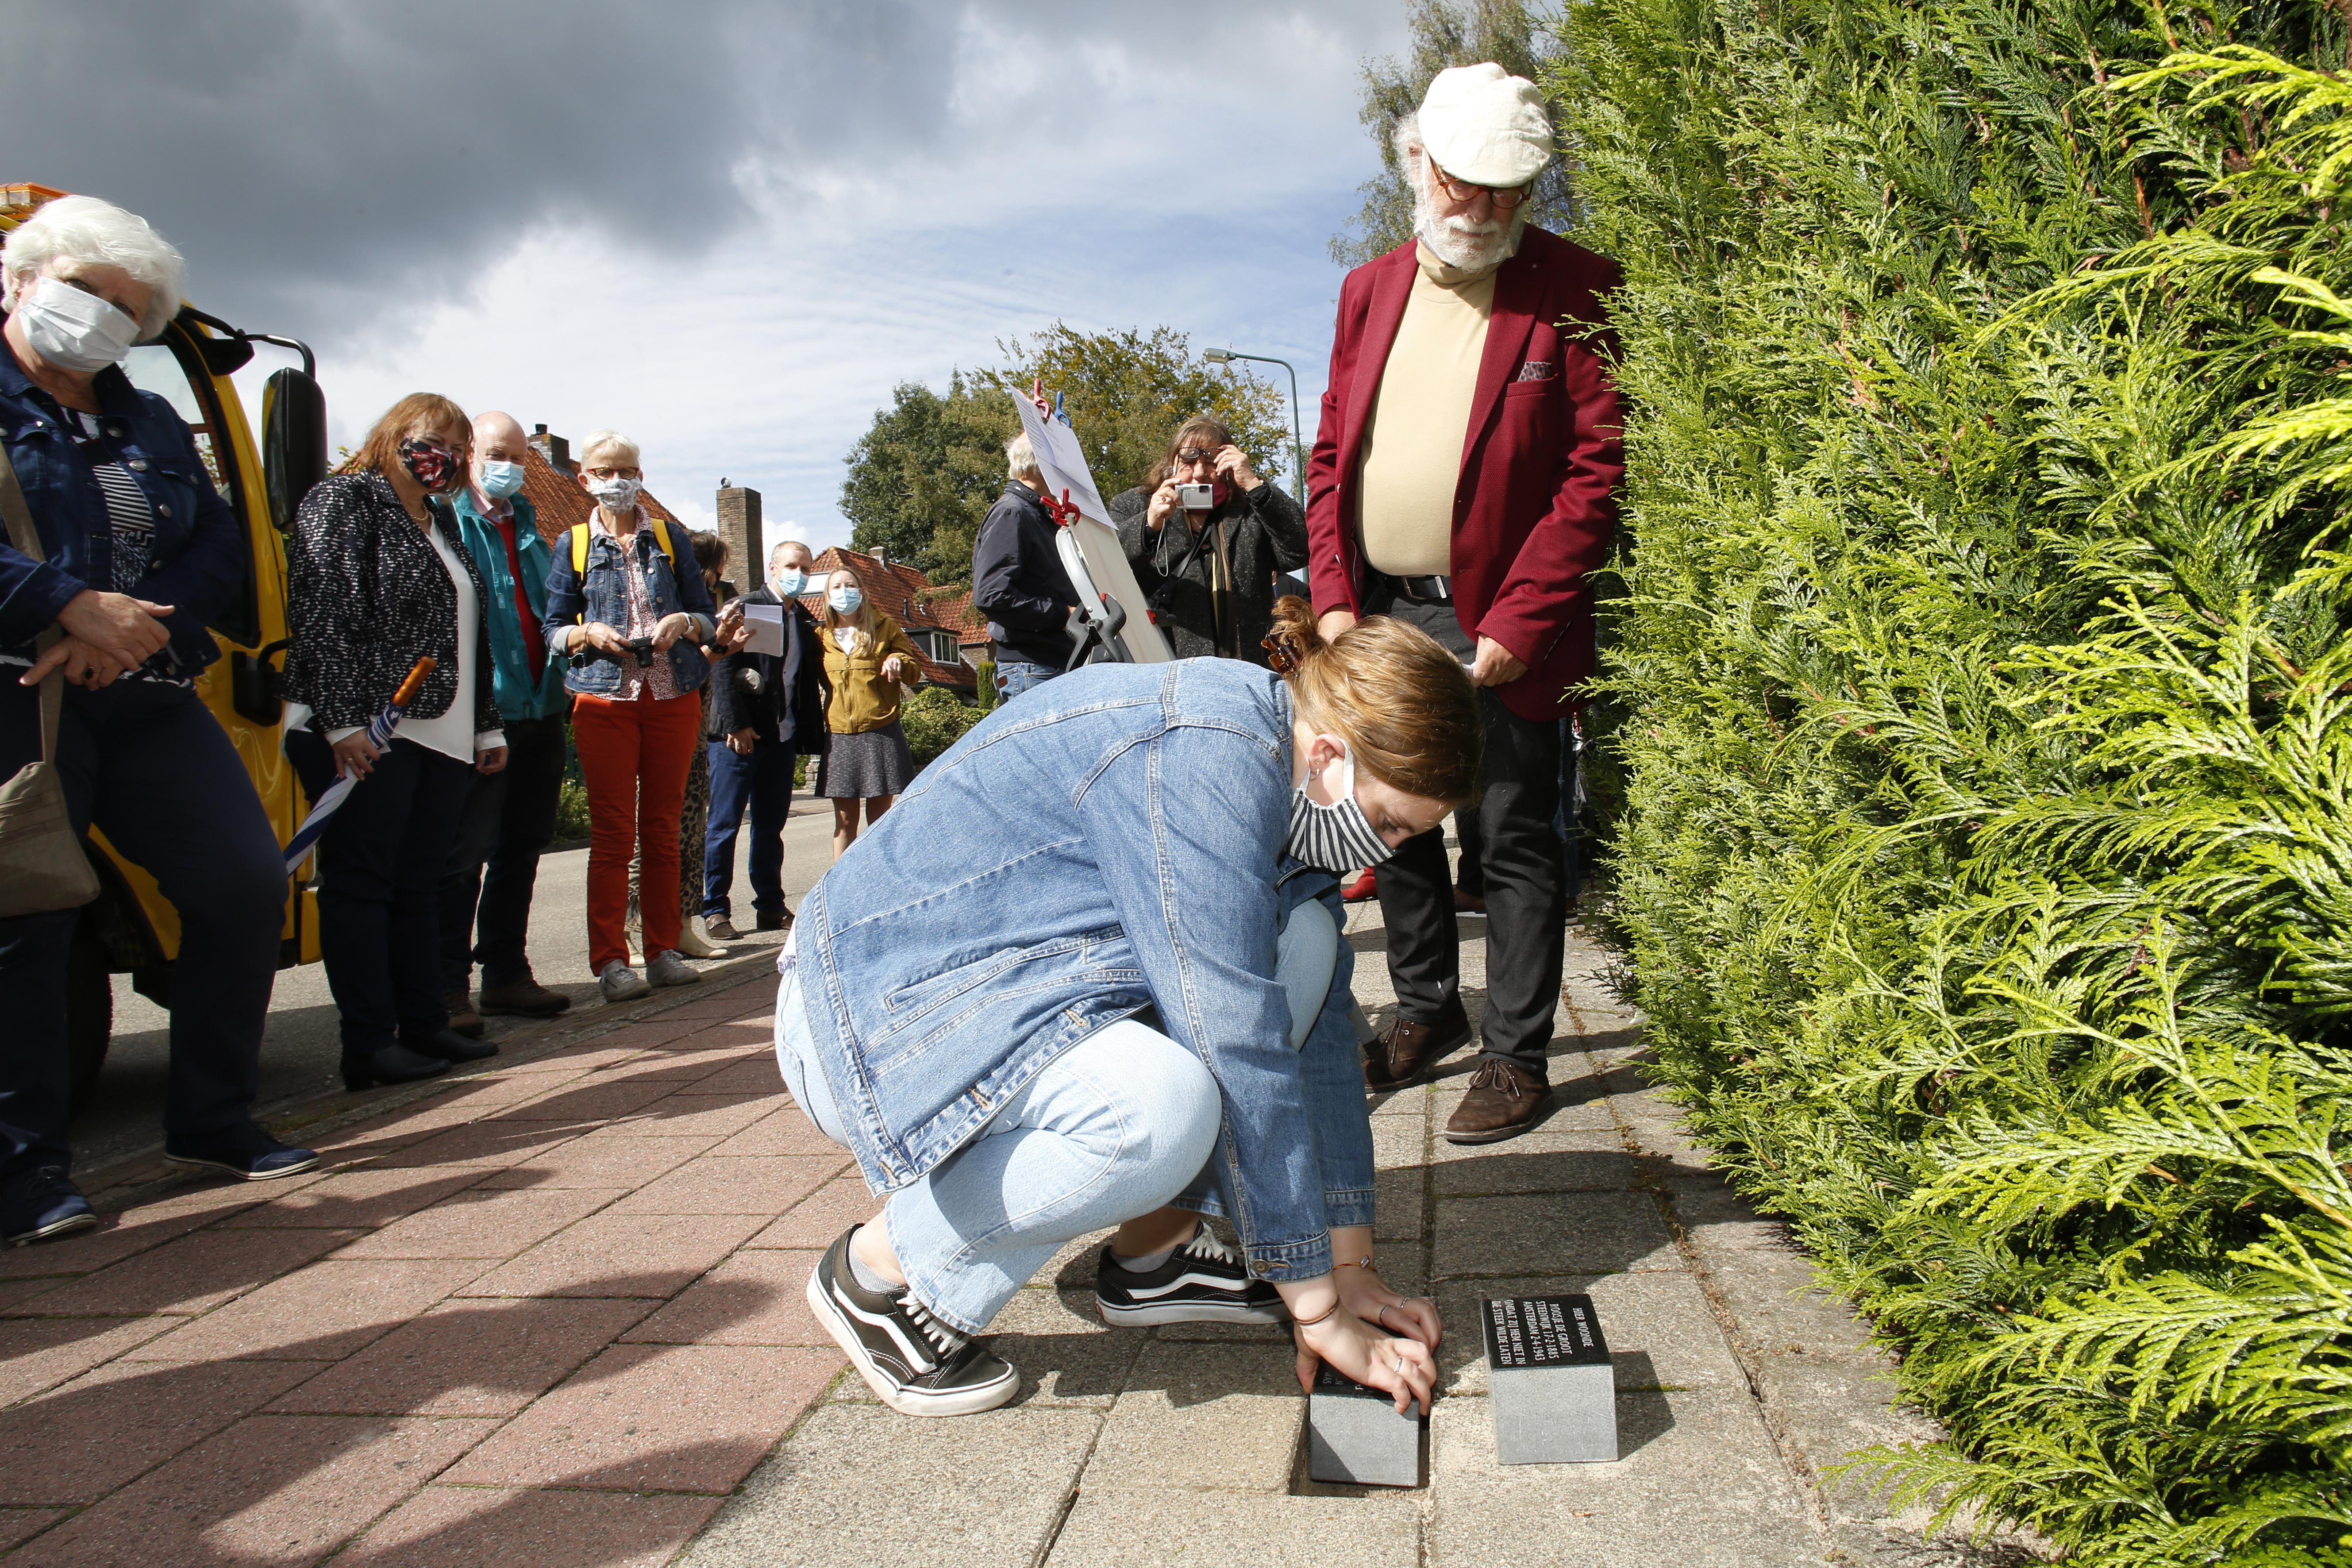 Eerste struikelstenen aan Huizerweg in Blaricum zijn eerbetoon aan Mozes Ferro en Roosje de Groot, die in 1943 zelfmoord pleegden uit angst voor deportatie: 'Ze moeten zich onnoemelijk eenzaam hebben gevoeld'